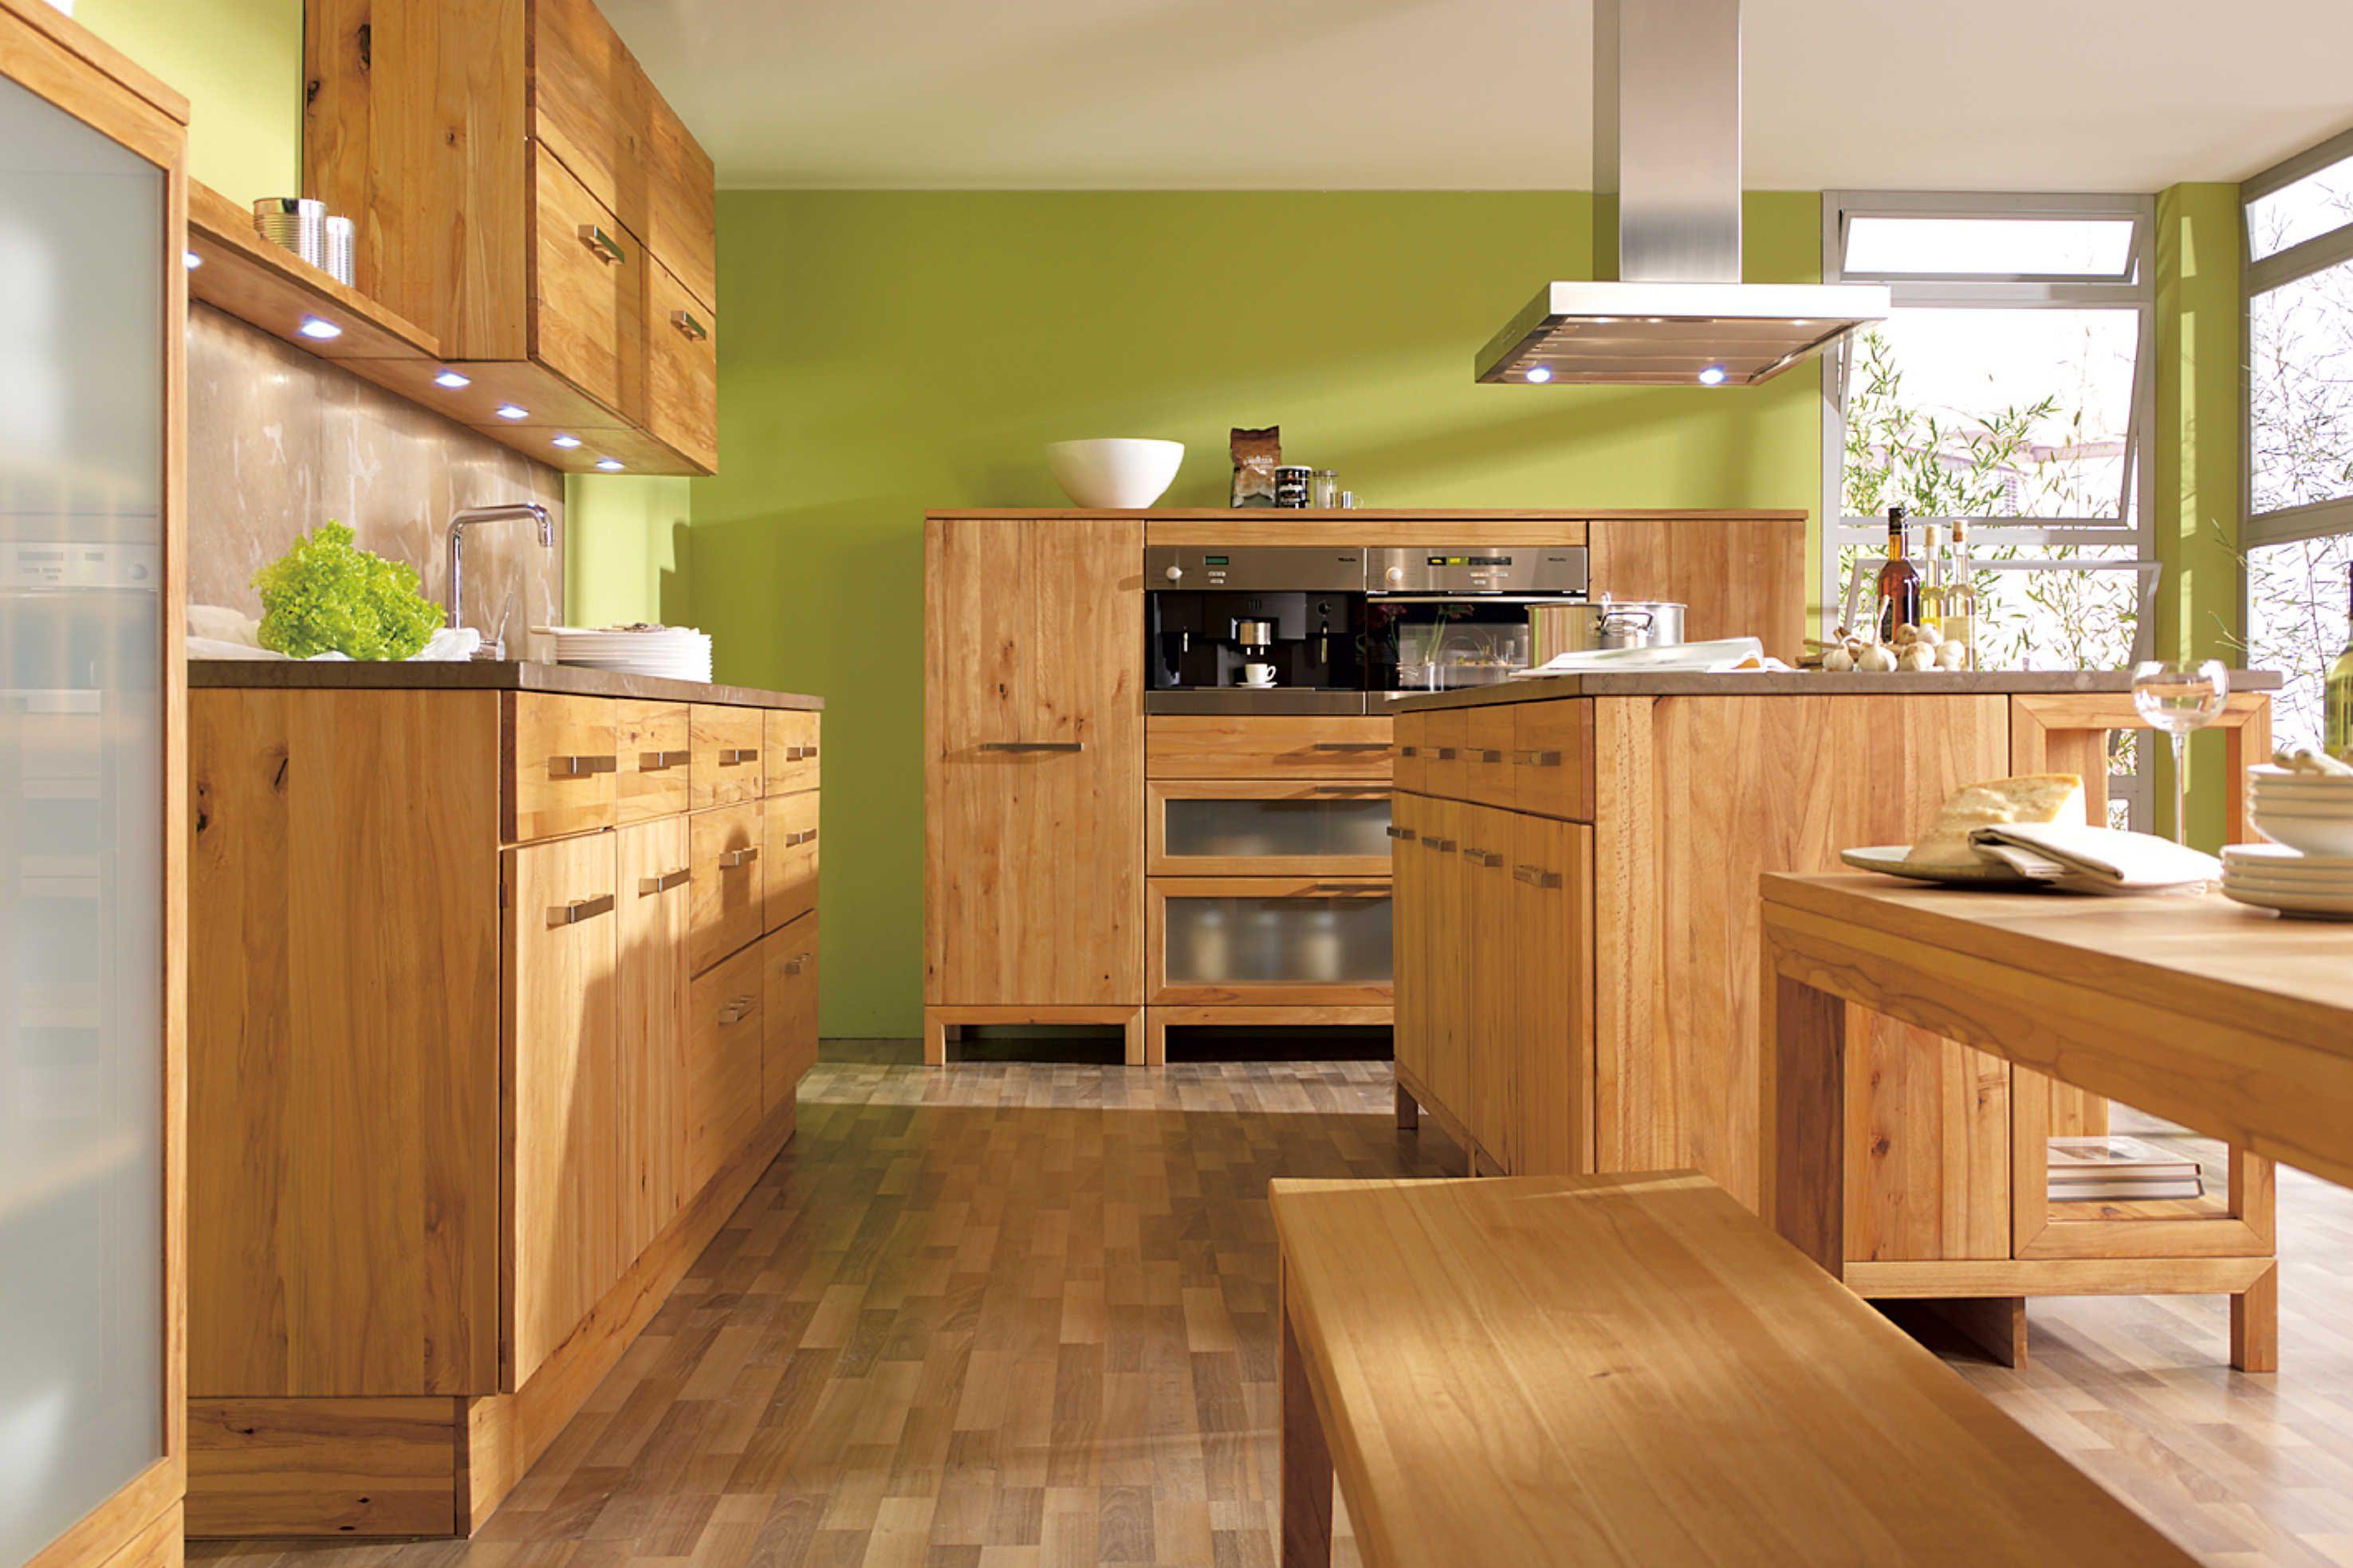 Goehring Küche im #Holzdesign http://www.hoeffner.de/kuechen/holz ...